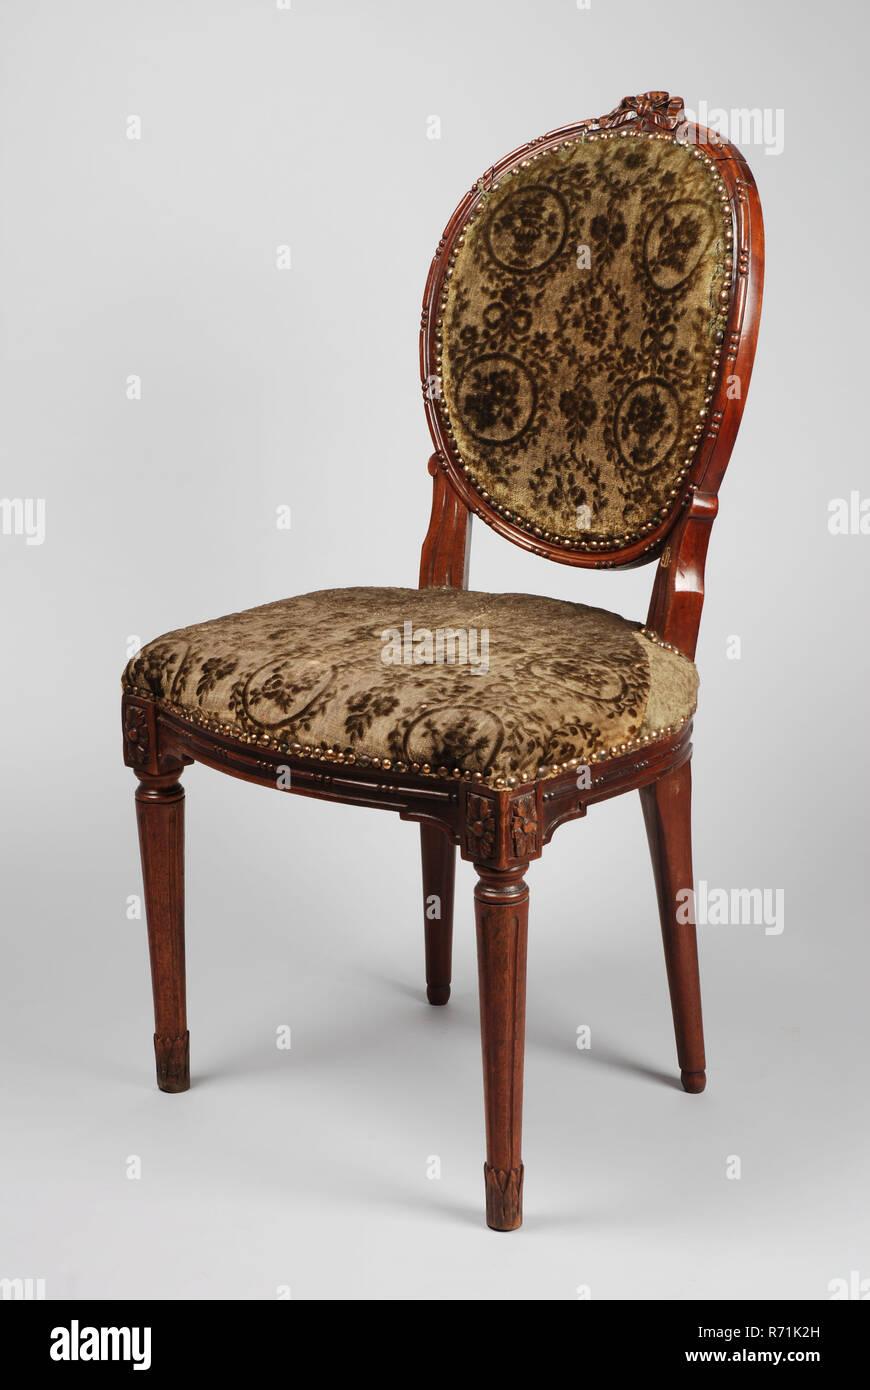 SeizeMedaillon Louis Stuhl Möbel Mahagoni Sitz WYeEHI9D2b